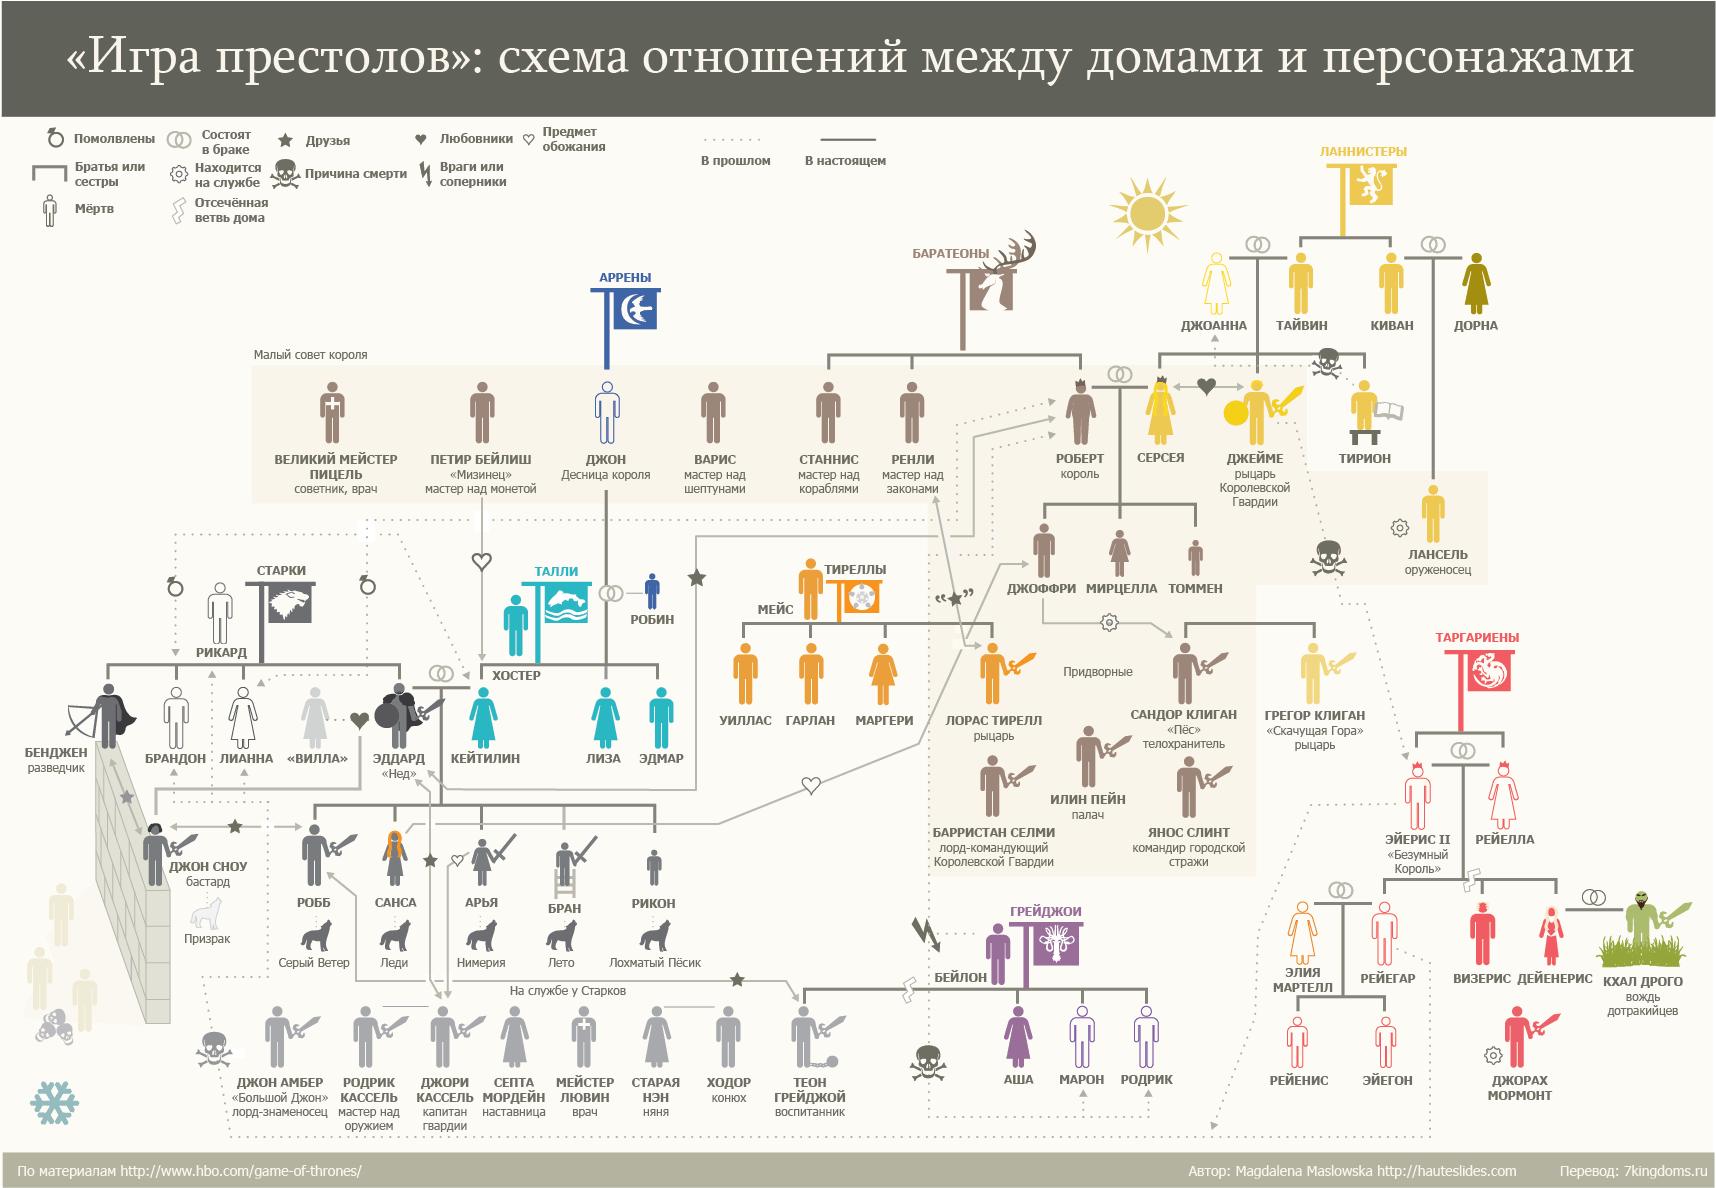 Сексуальные связи в игре престолов инфографика